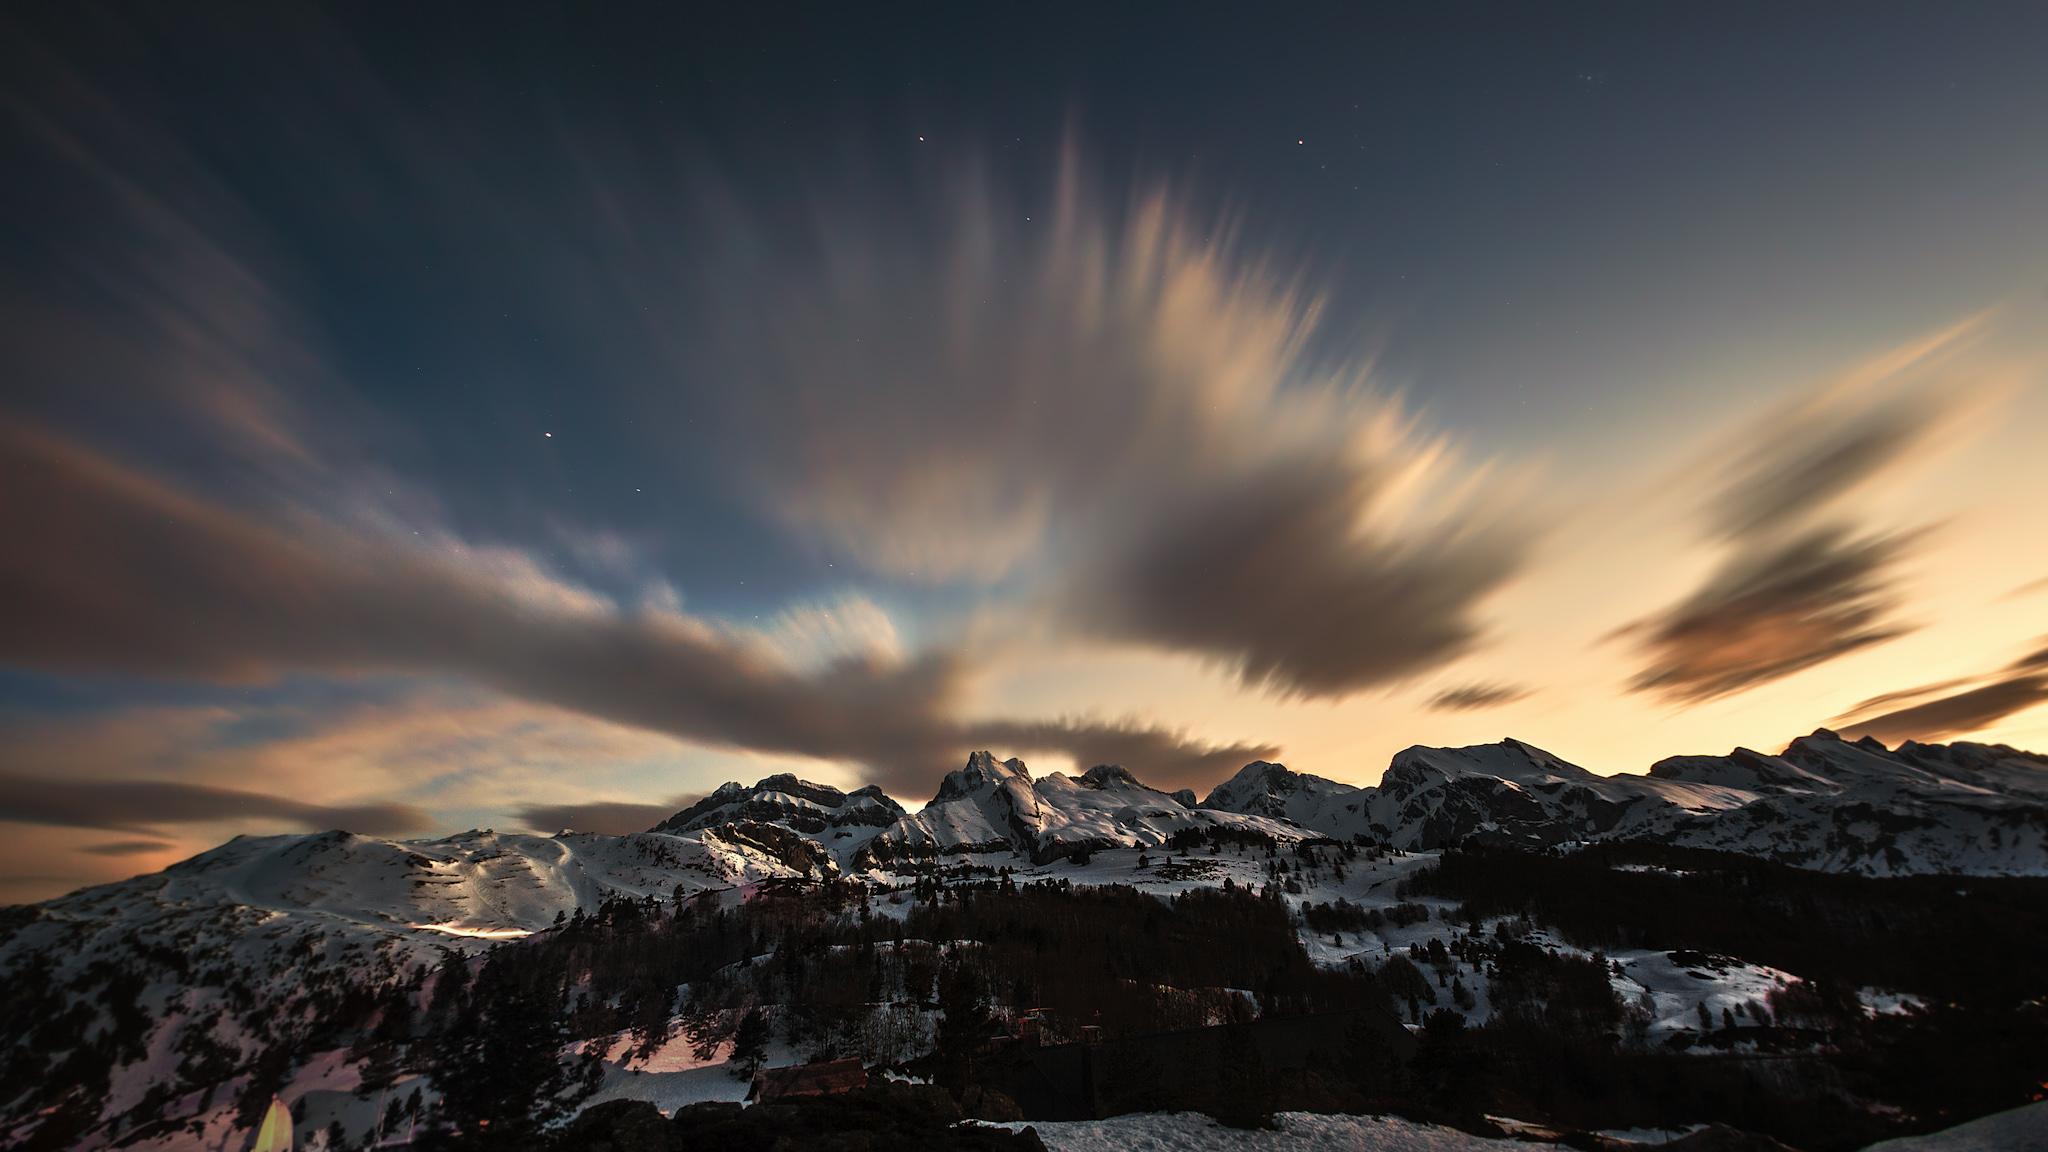 Atardecer desde la frontera - Paisajes del valle - Fotos del Valle del Aragón, Mikel Besga